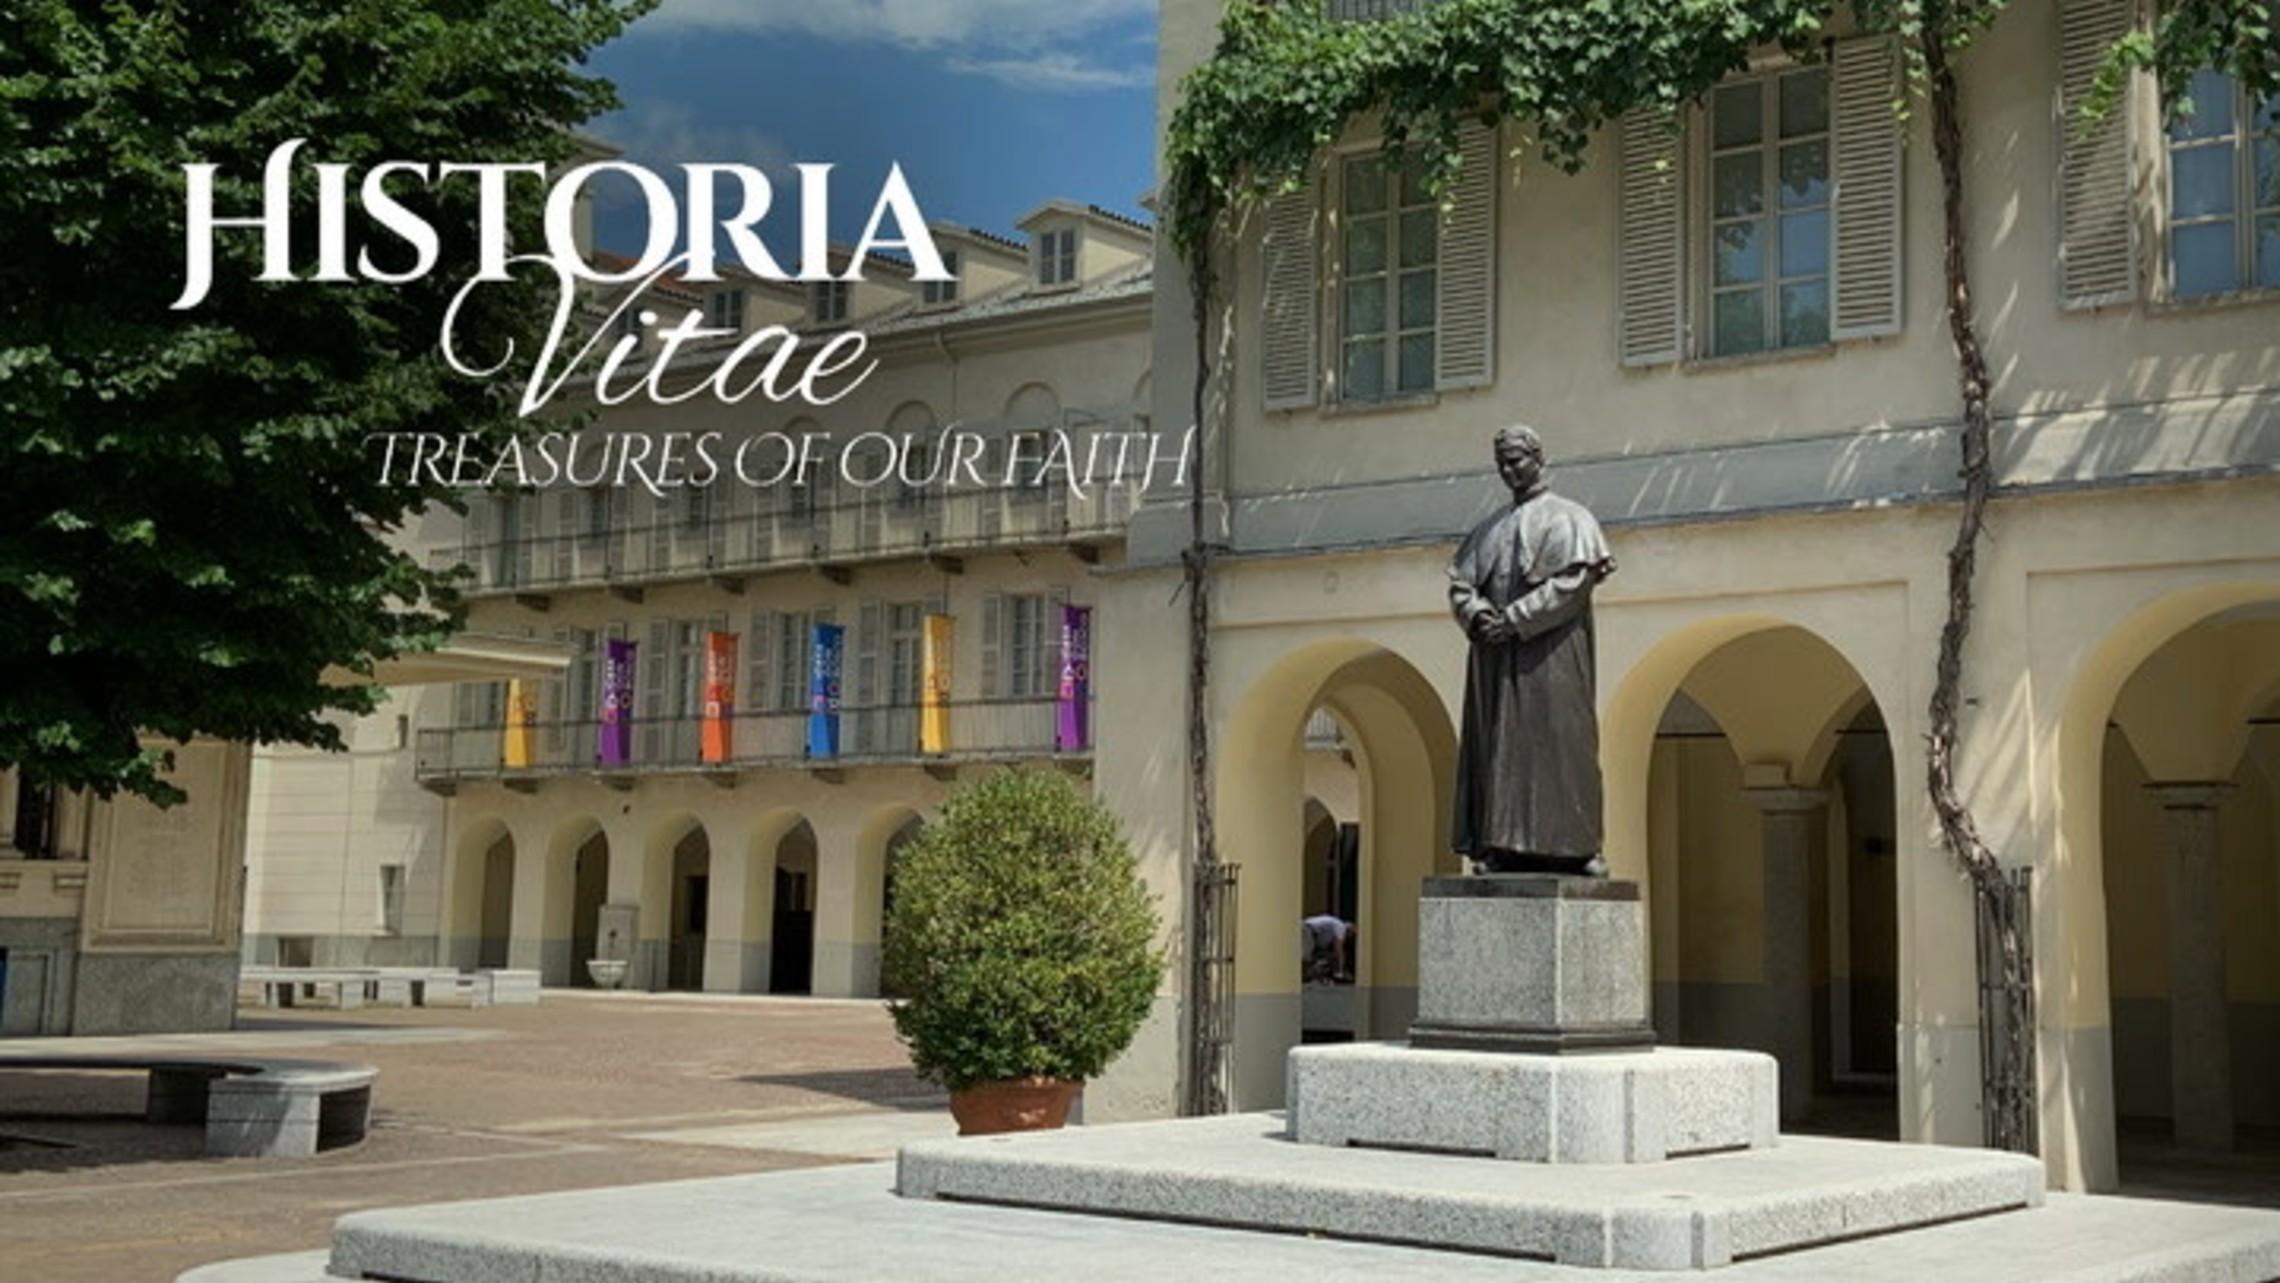 Museo Casa Don Bosco in Historia Vitae